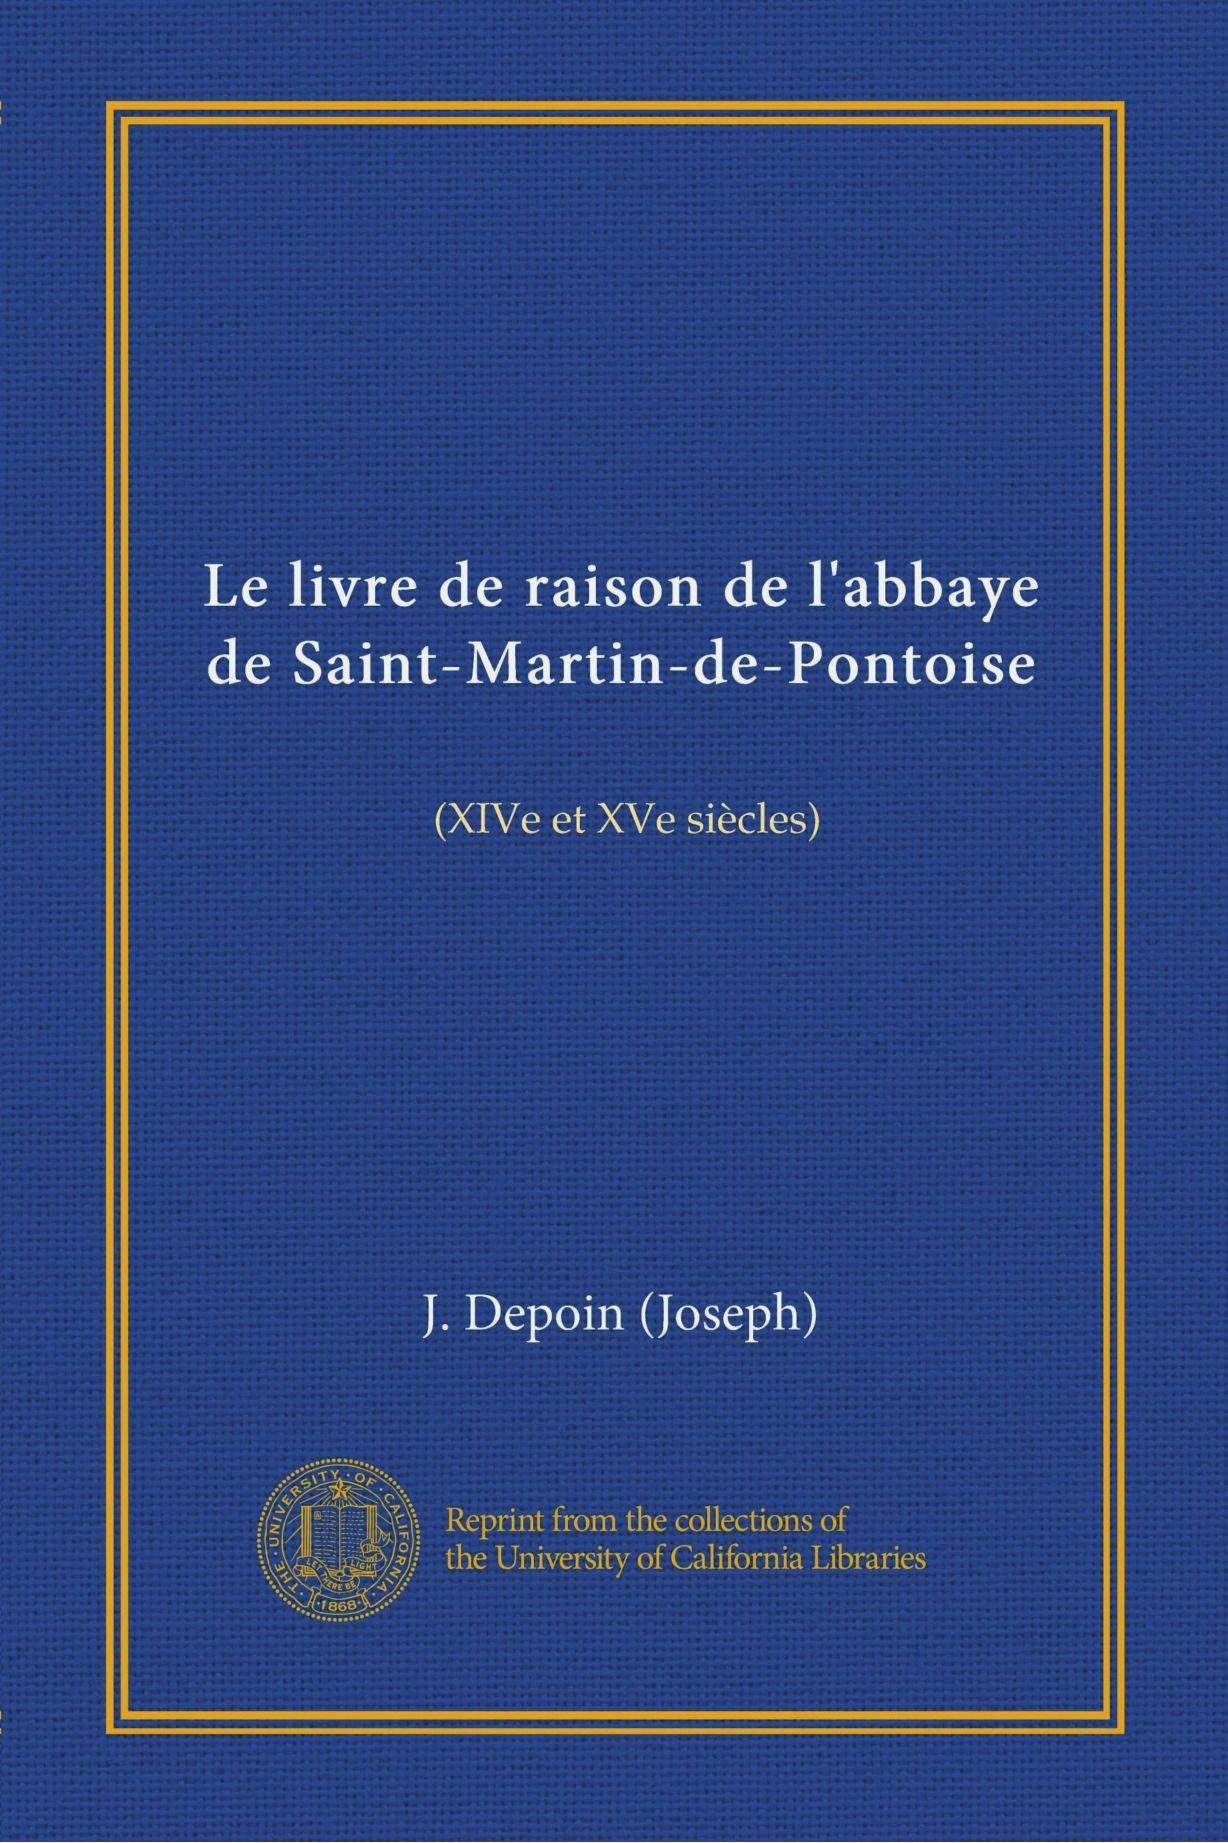 Le livre de raison de l'abbaye de Saint-Martin-de-Pontoise (Vol-1): (XIVe et XVe siècles) (French Edition) ebook